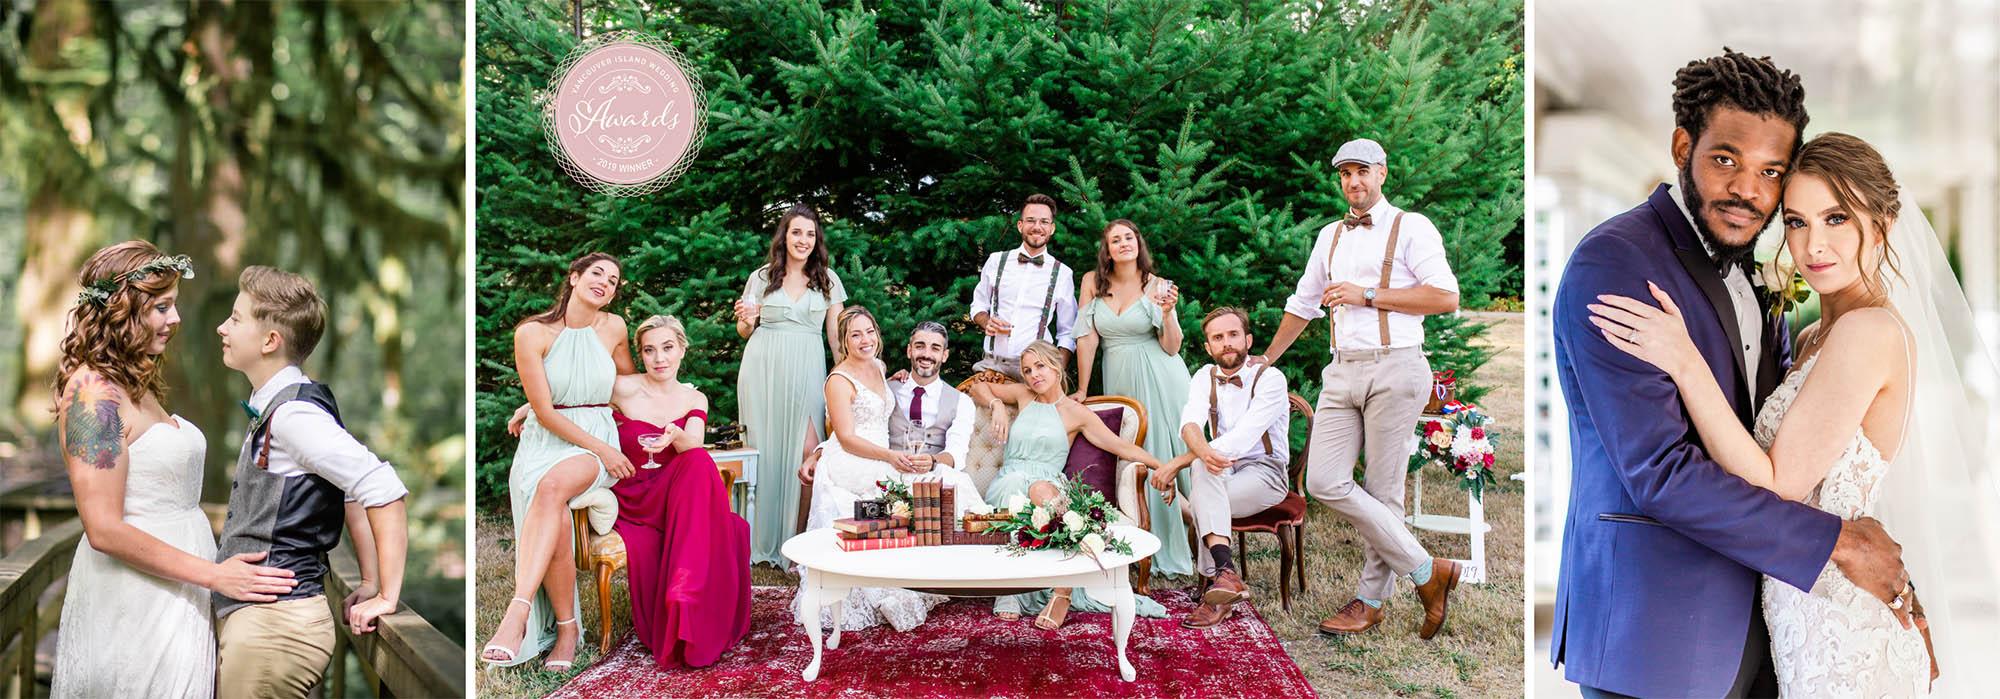 Vancouver Island Wedding Photographer 2